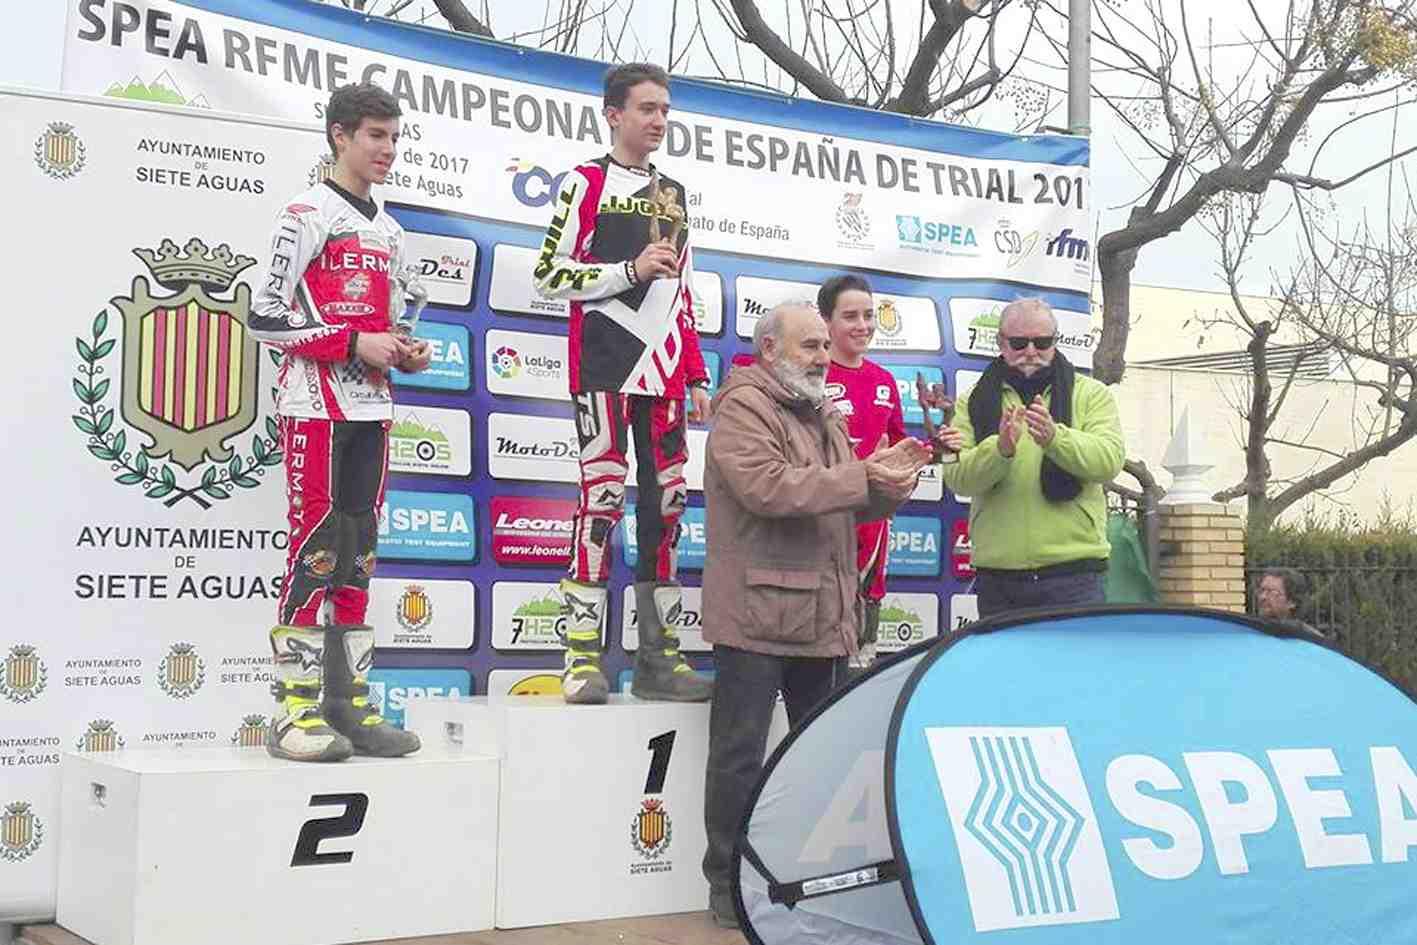 El ibense Alejandro Climent gana la última prueba del Campeonato de España de Trial y asciende de categoría